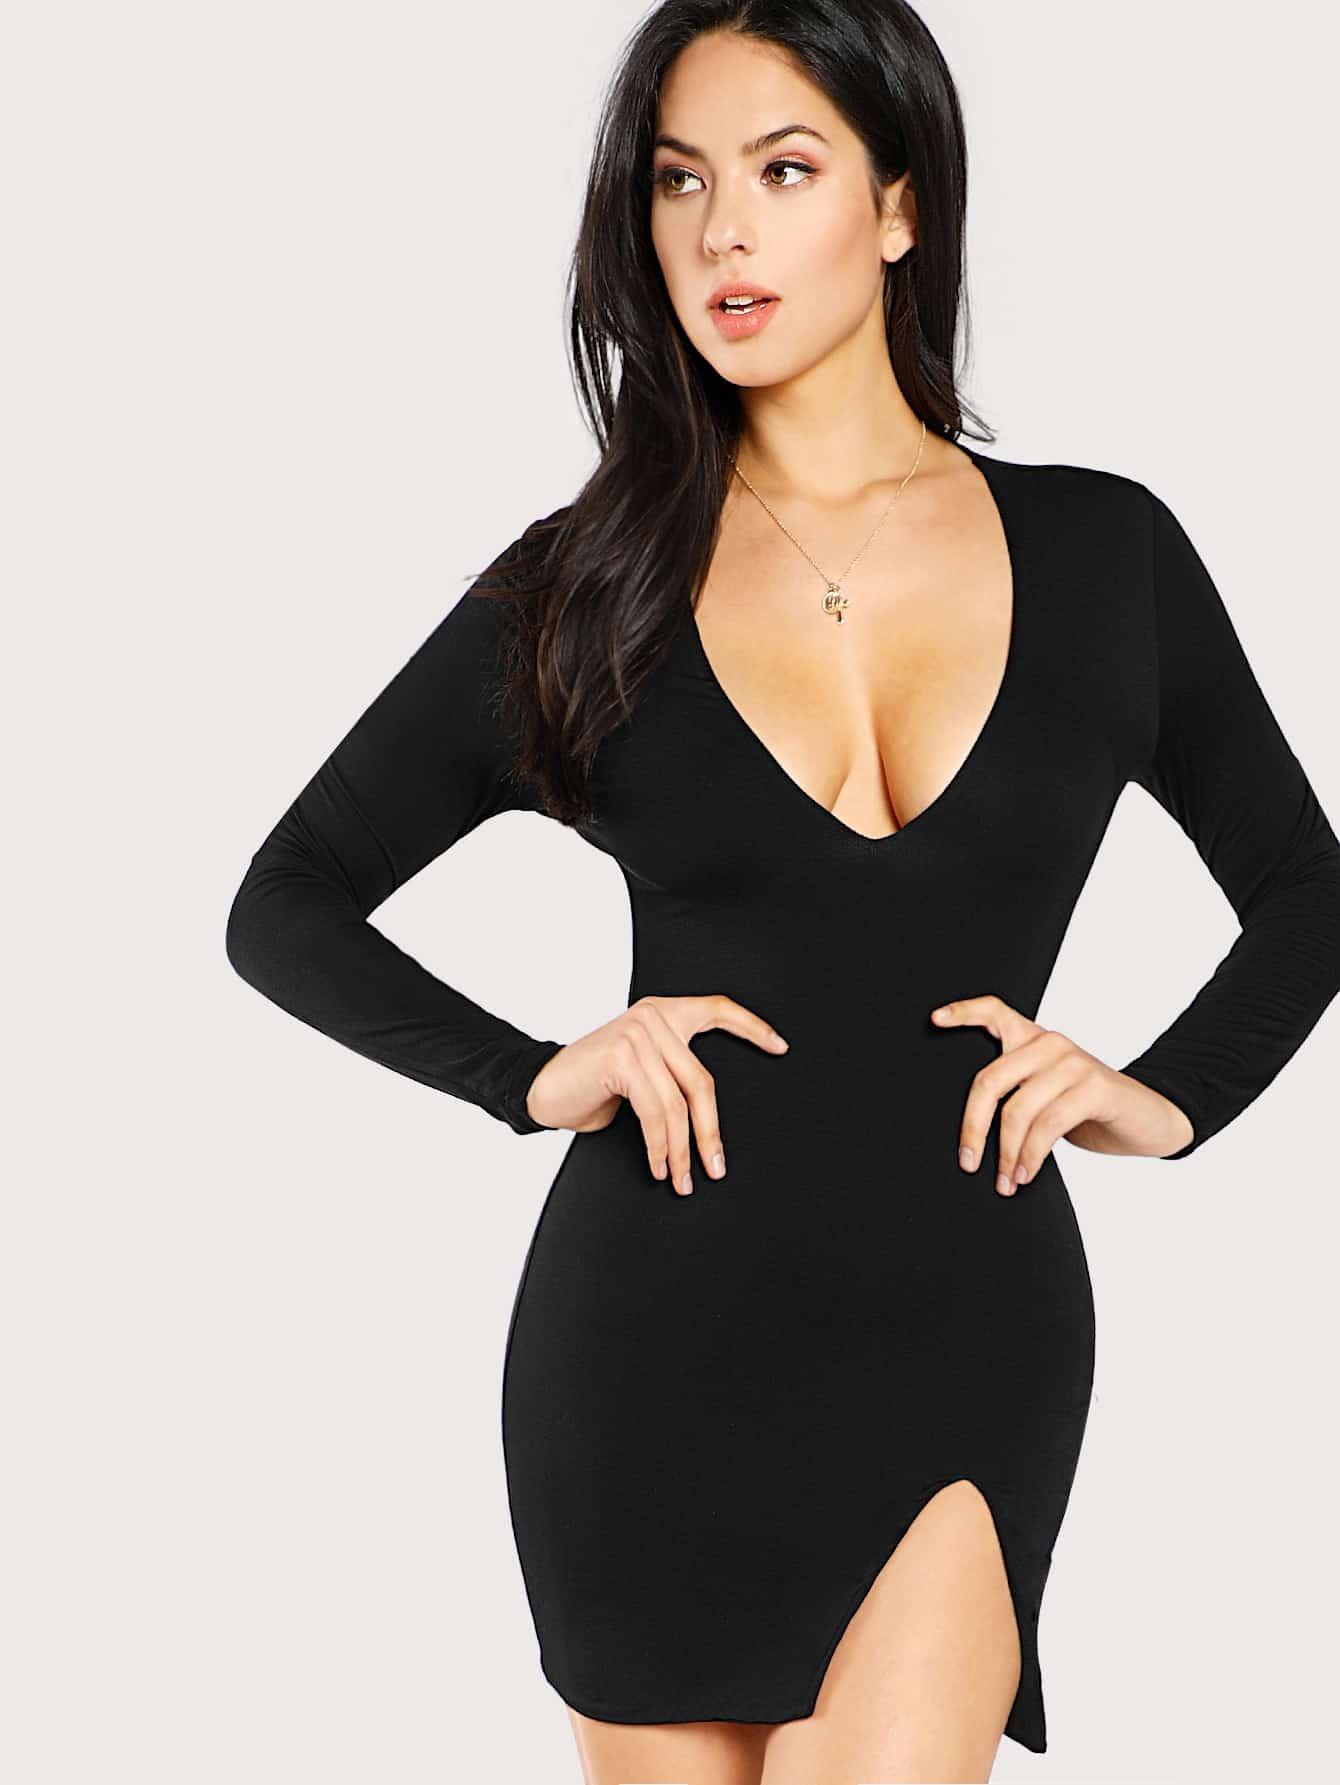 Slit Front Form Fit Dress dressmmc171106702